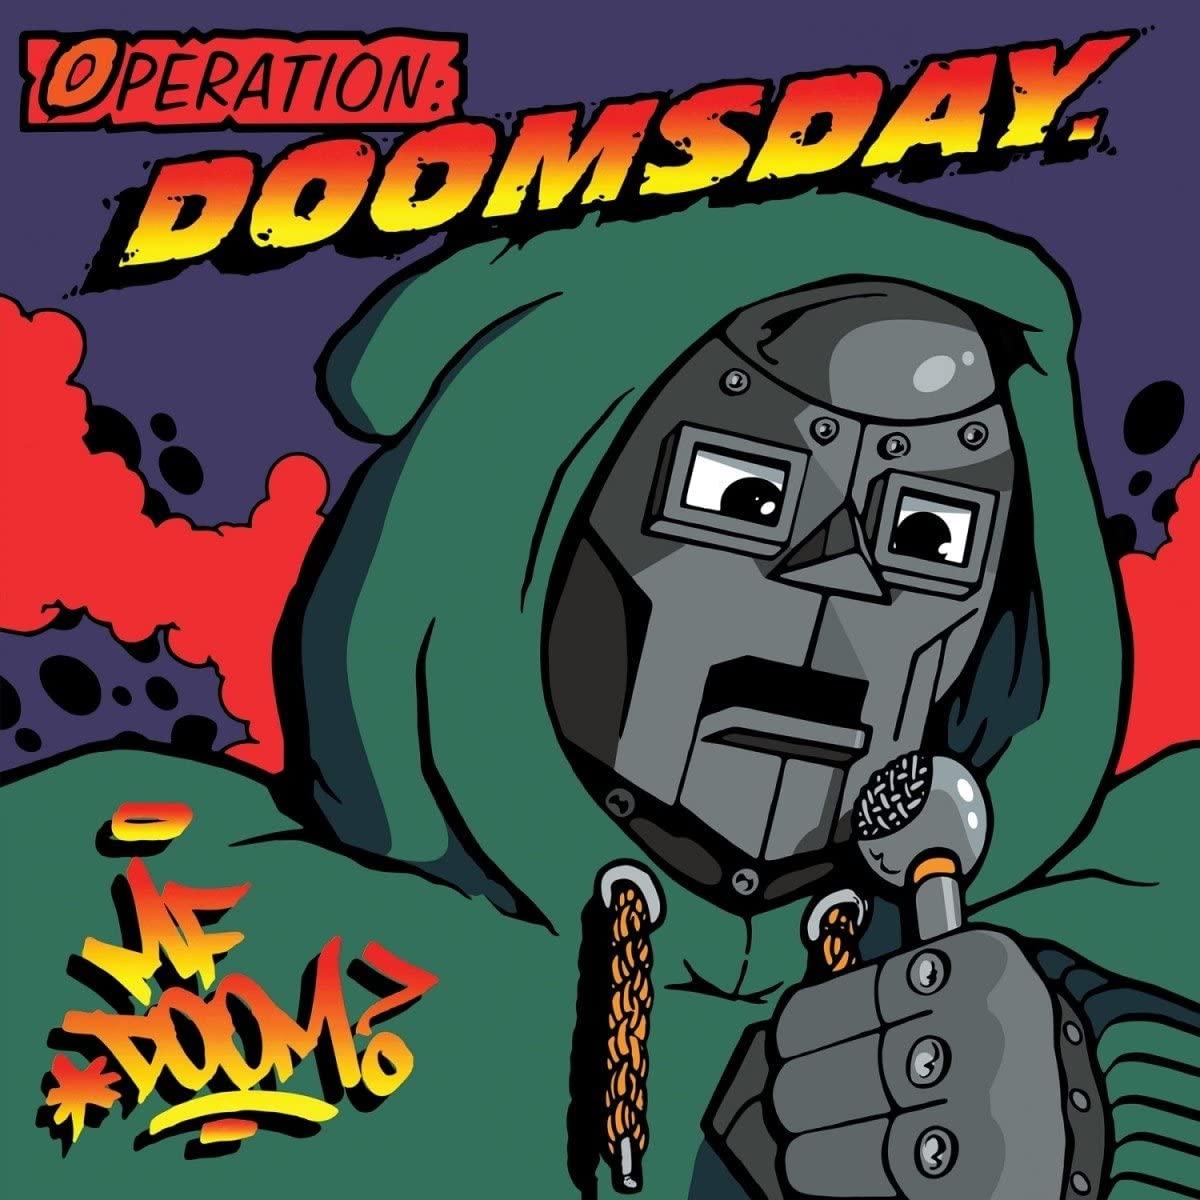 MF Doom - Operation Doomsday Original Cover LTD